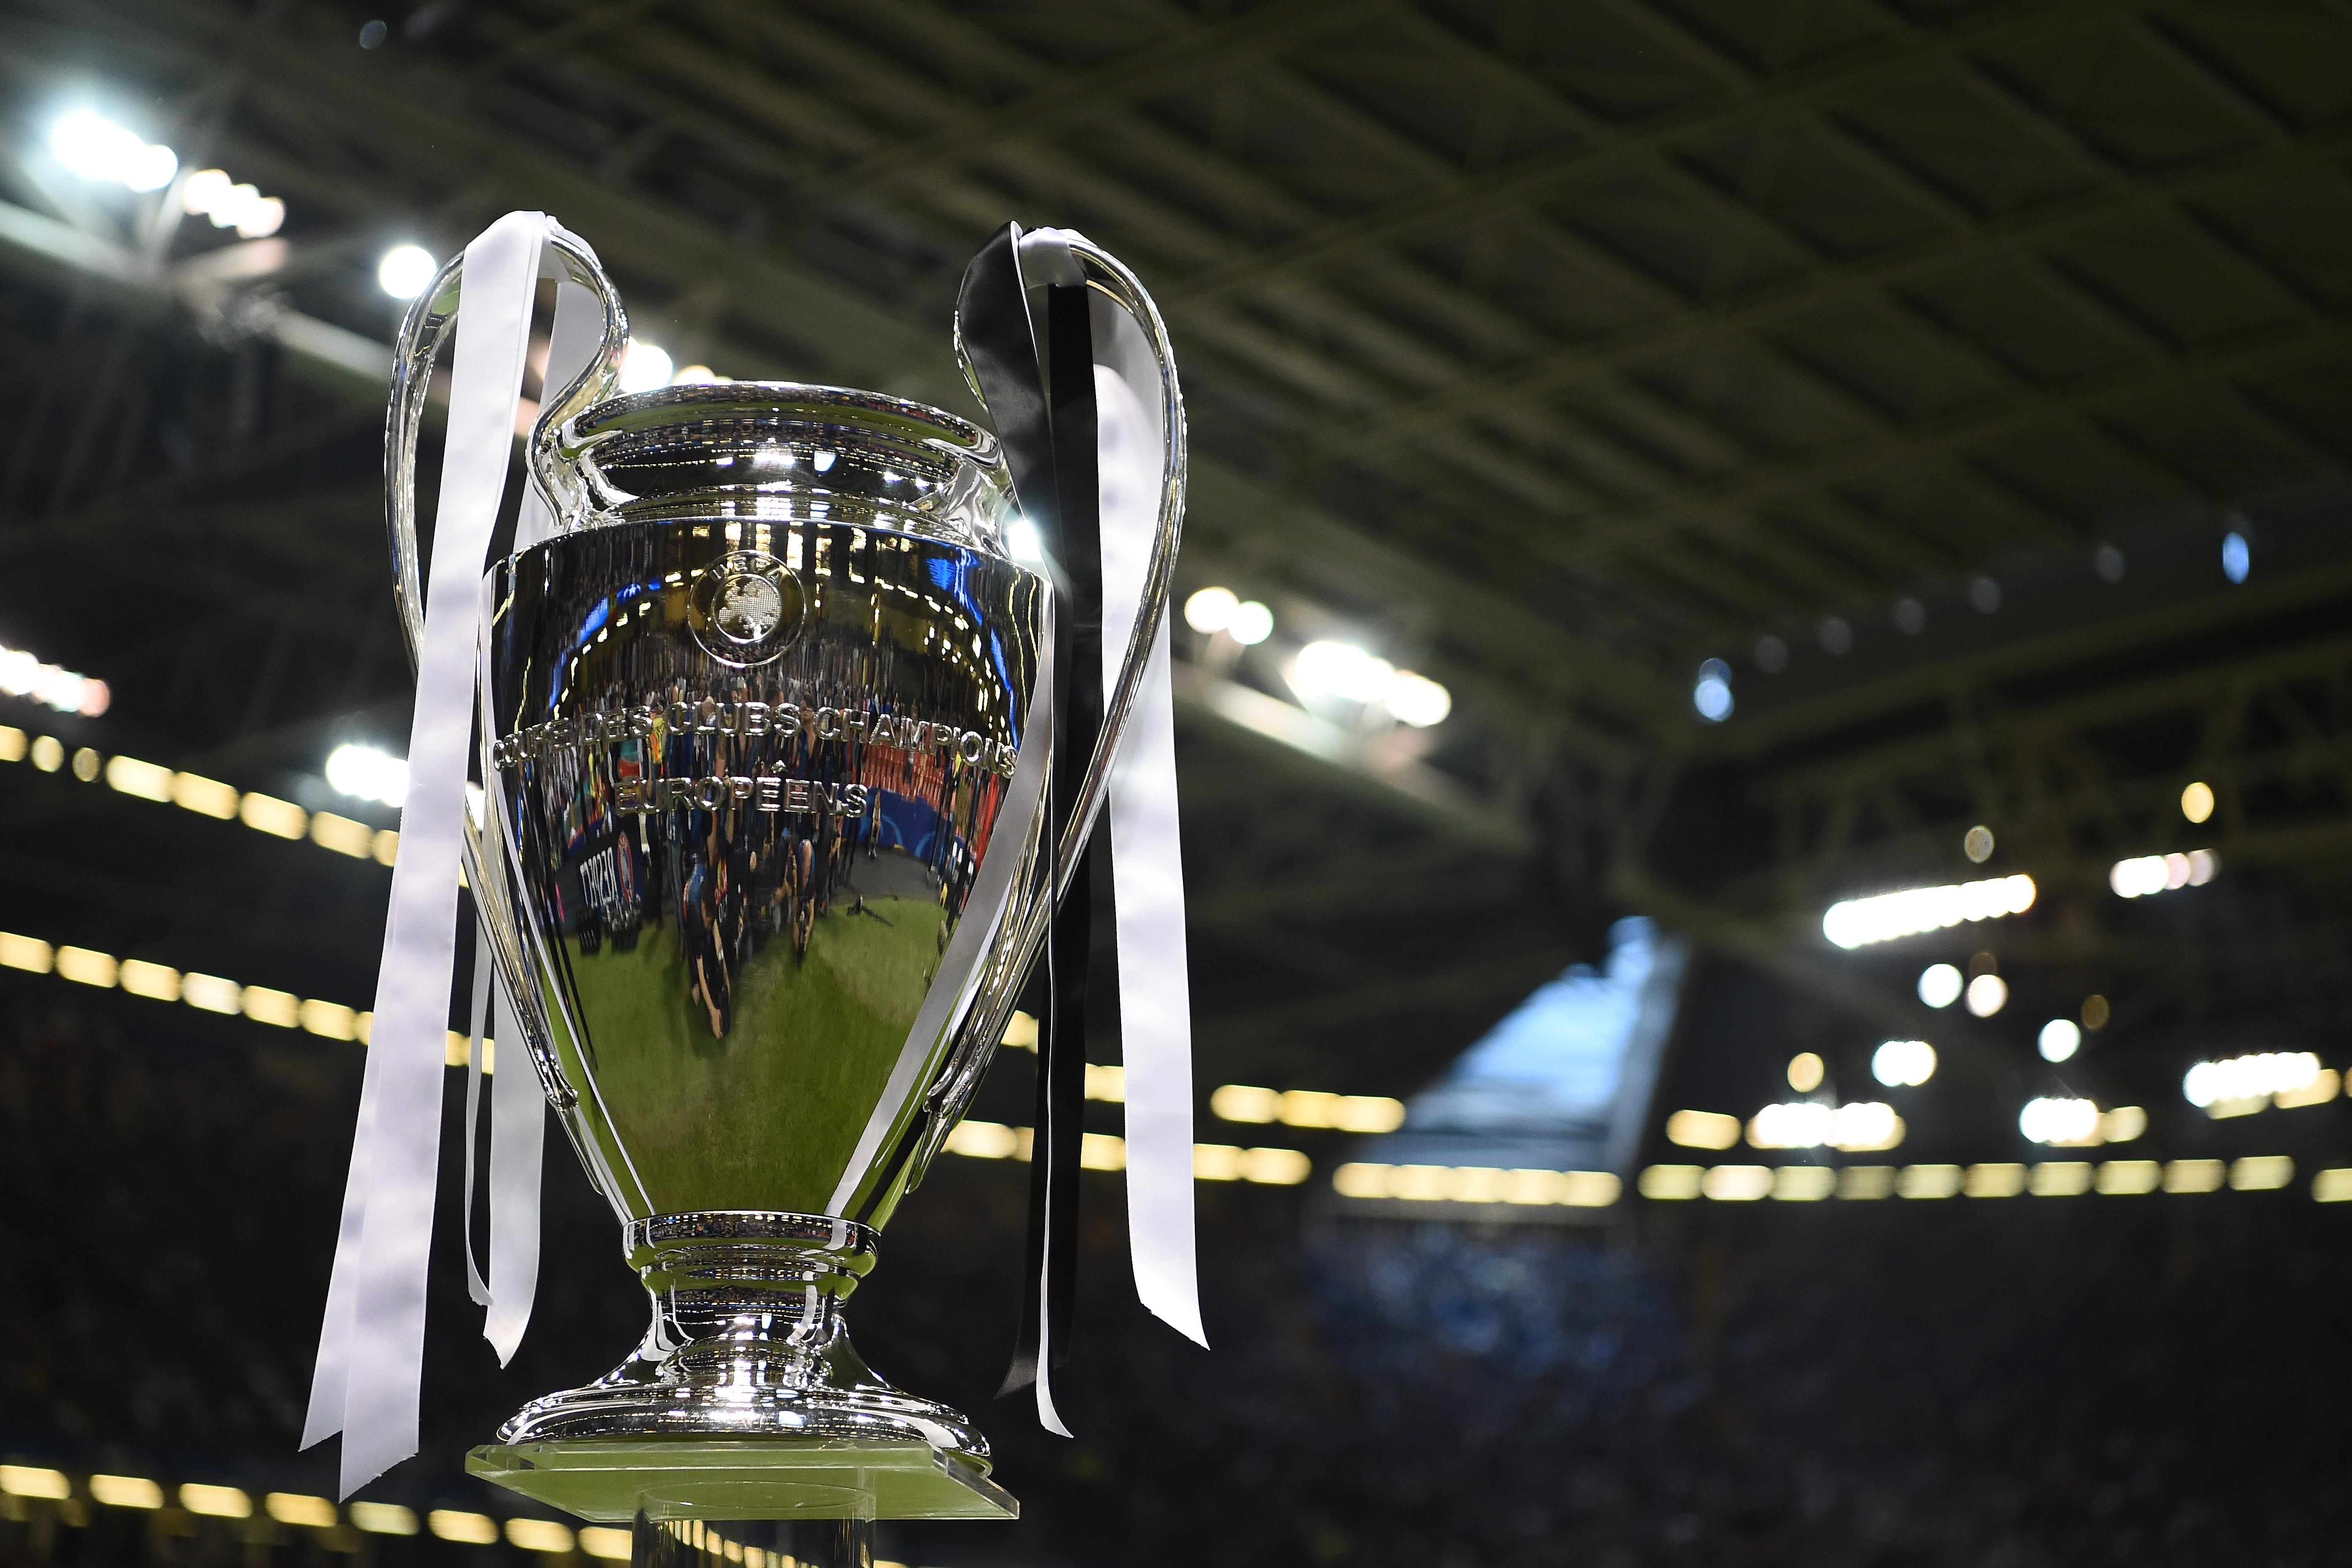 Una buena dosis de Champions League para empezar la semana después del puente